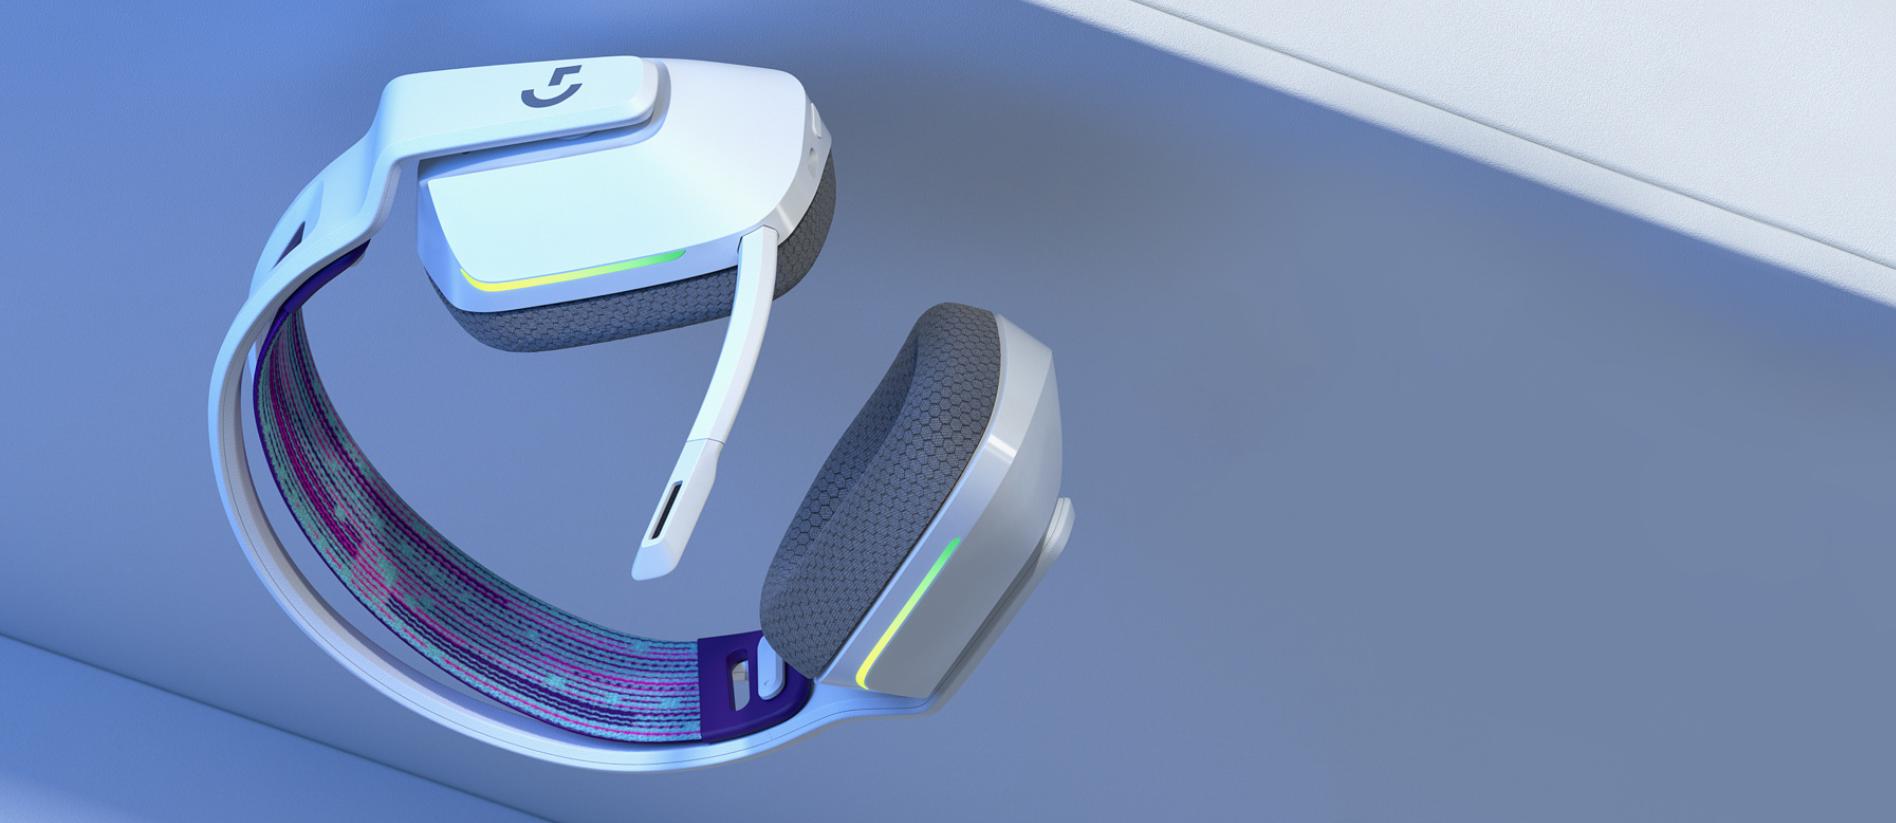 Tai nghe Gaming Logitech G733 LIGHTSPEED Wireless 7.1 RGB White có trọng lượng cực kỳ nhẹ